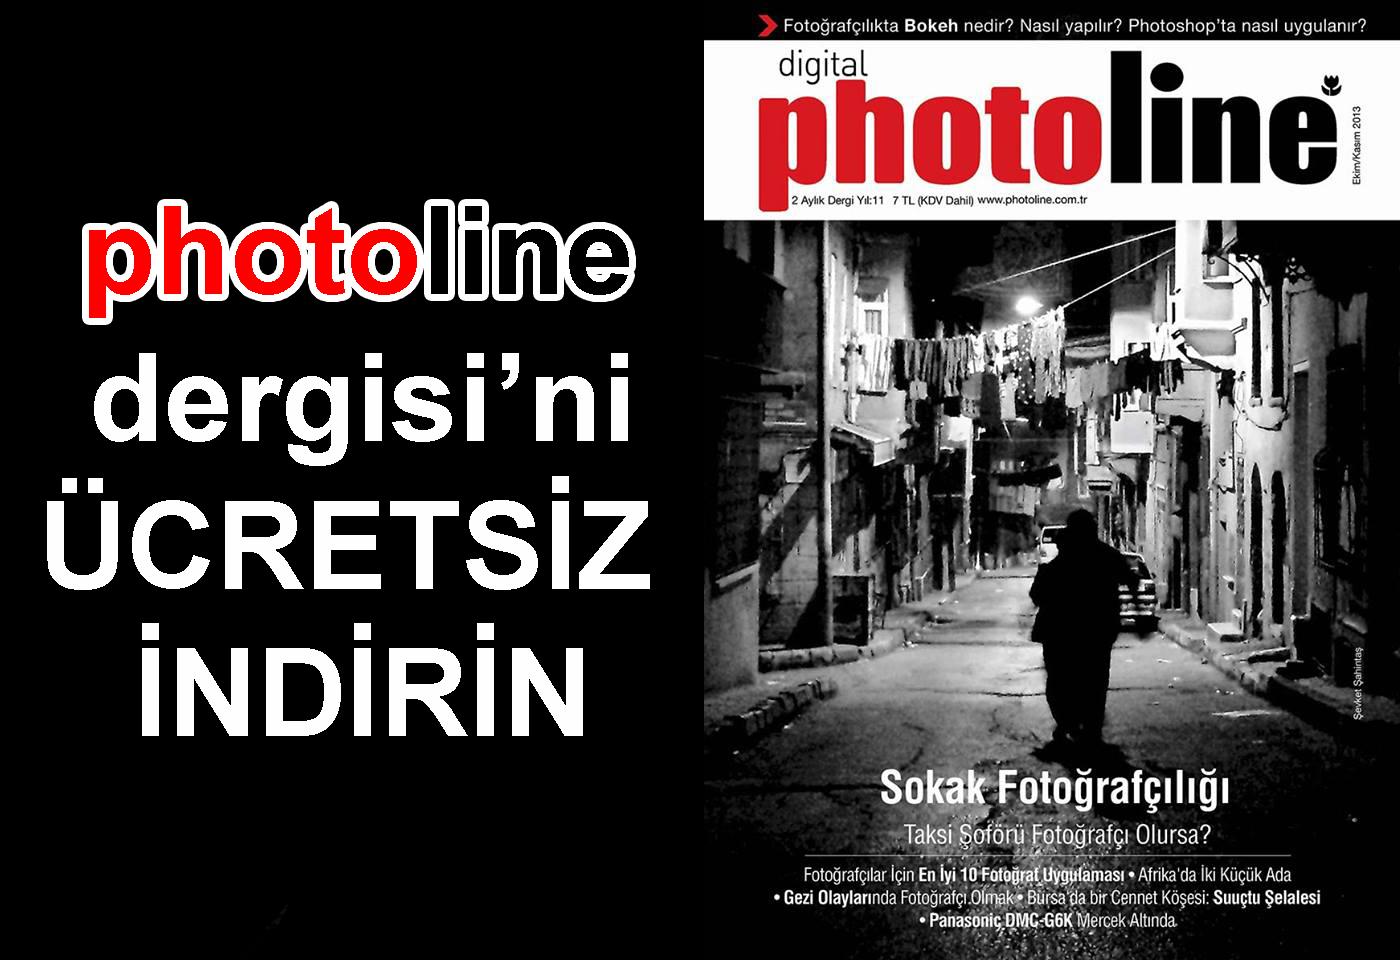 Photoline Dergisi'ni Ücretsiz İndirin